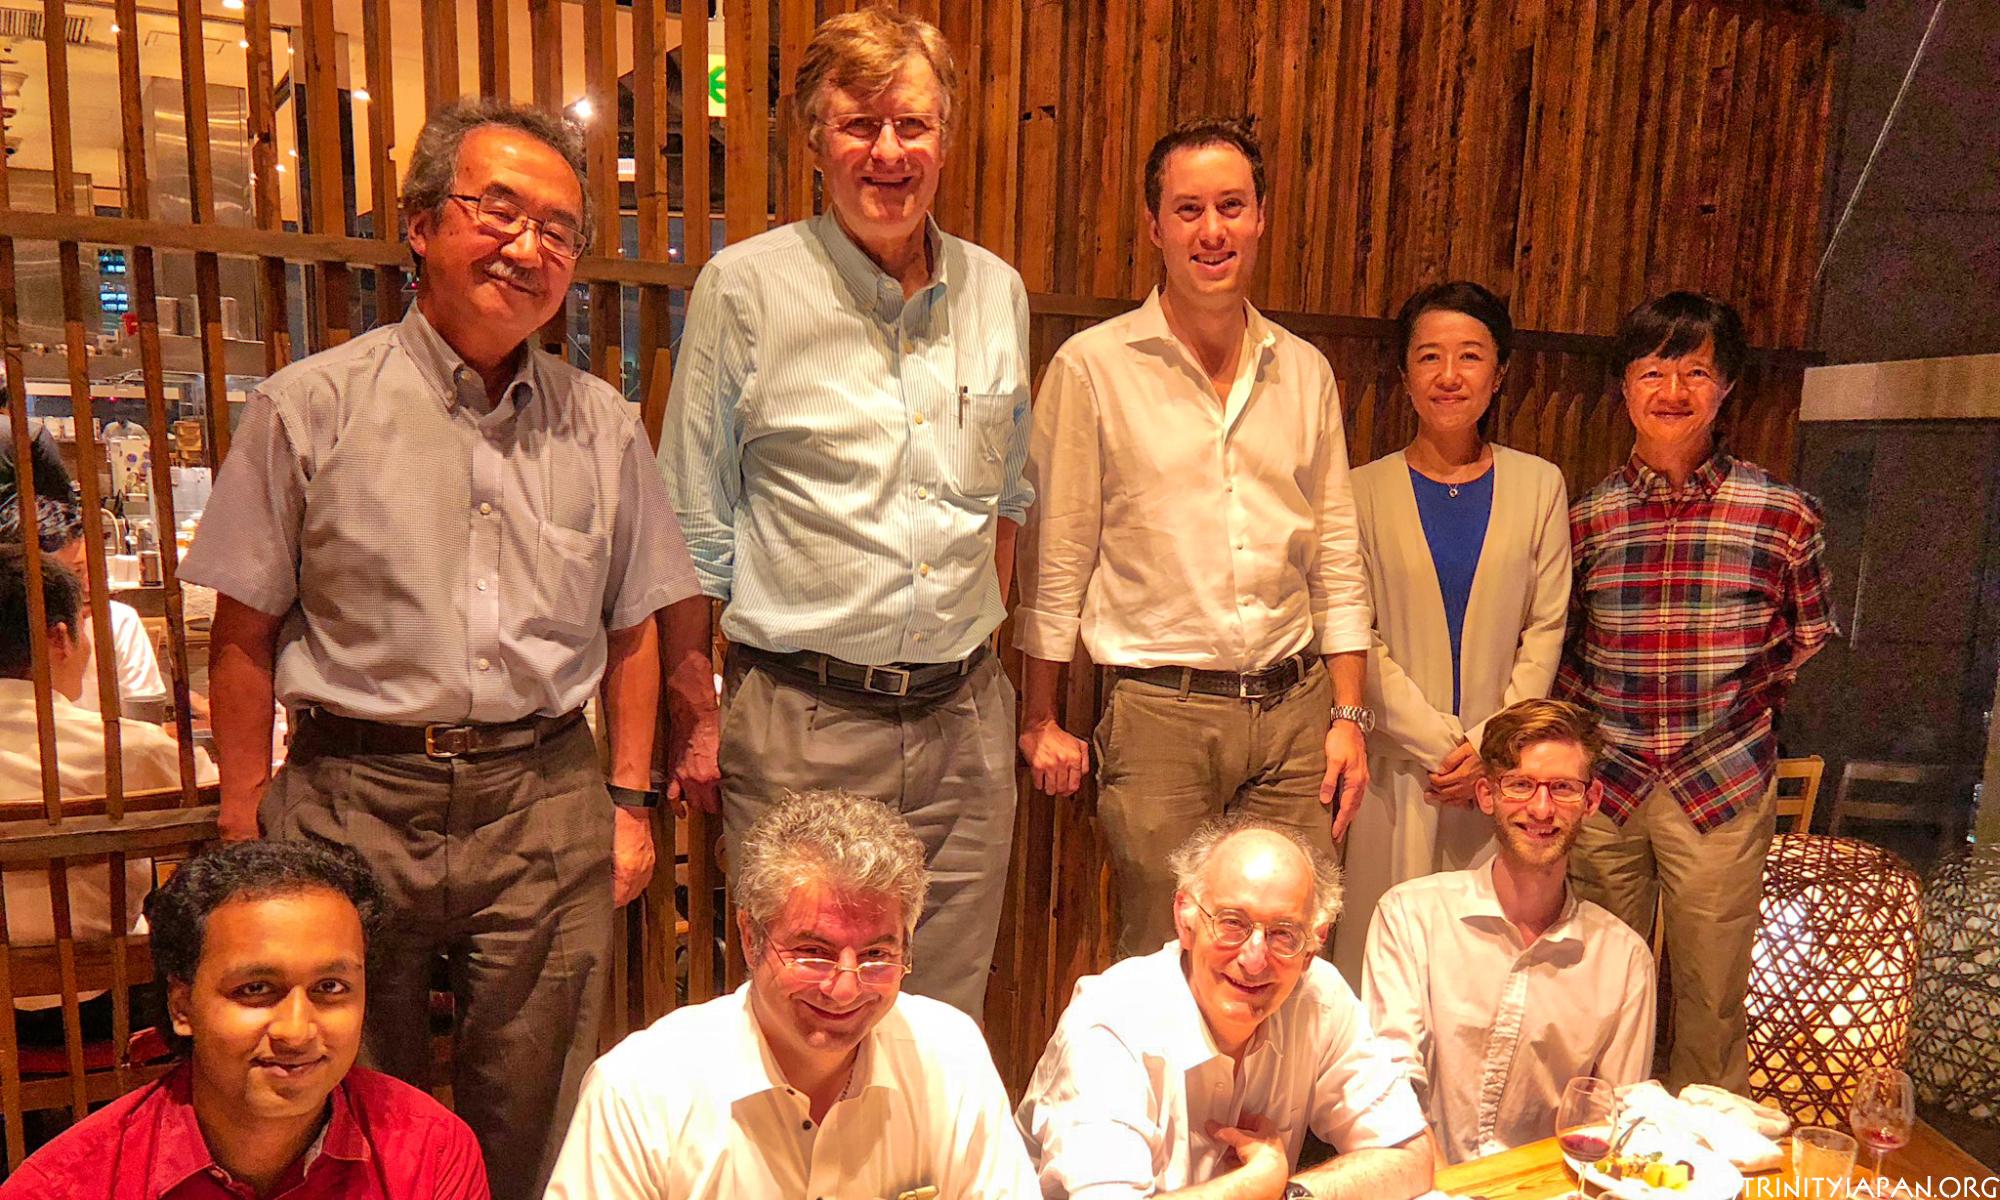 トリニティー・イン・ジャパンとMITスローン日本同窓会 (SSJ) のミーテイング2018年7月25日